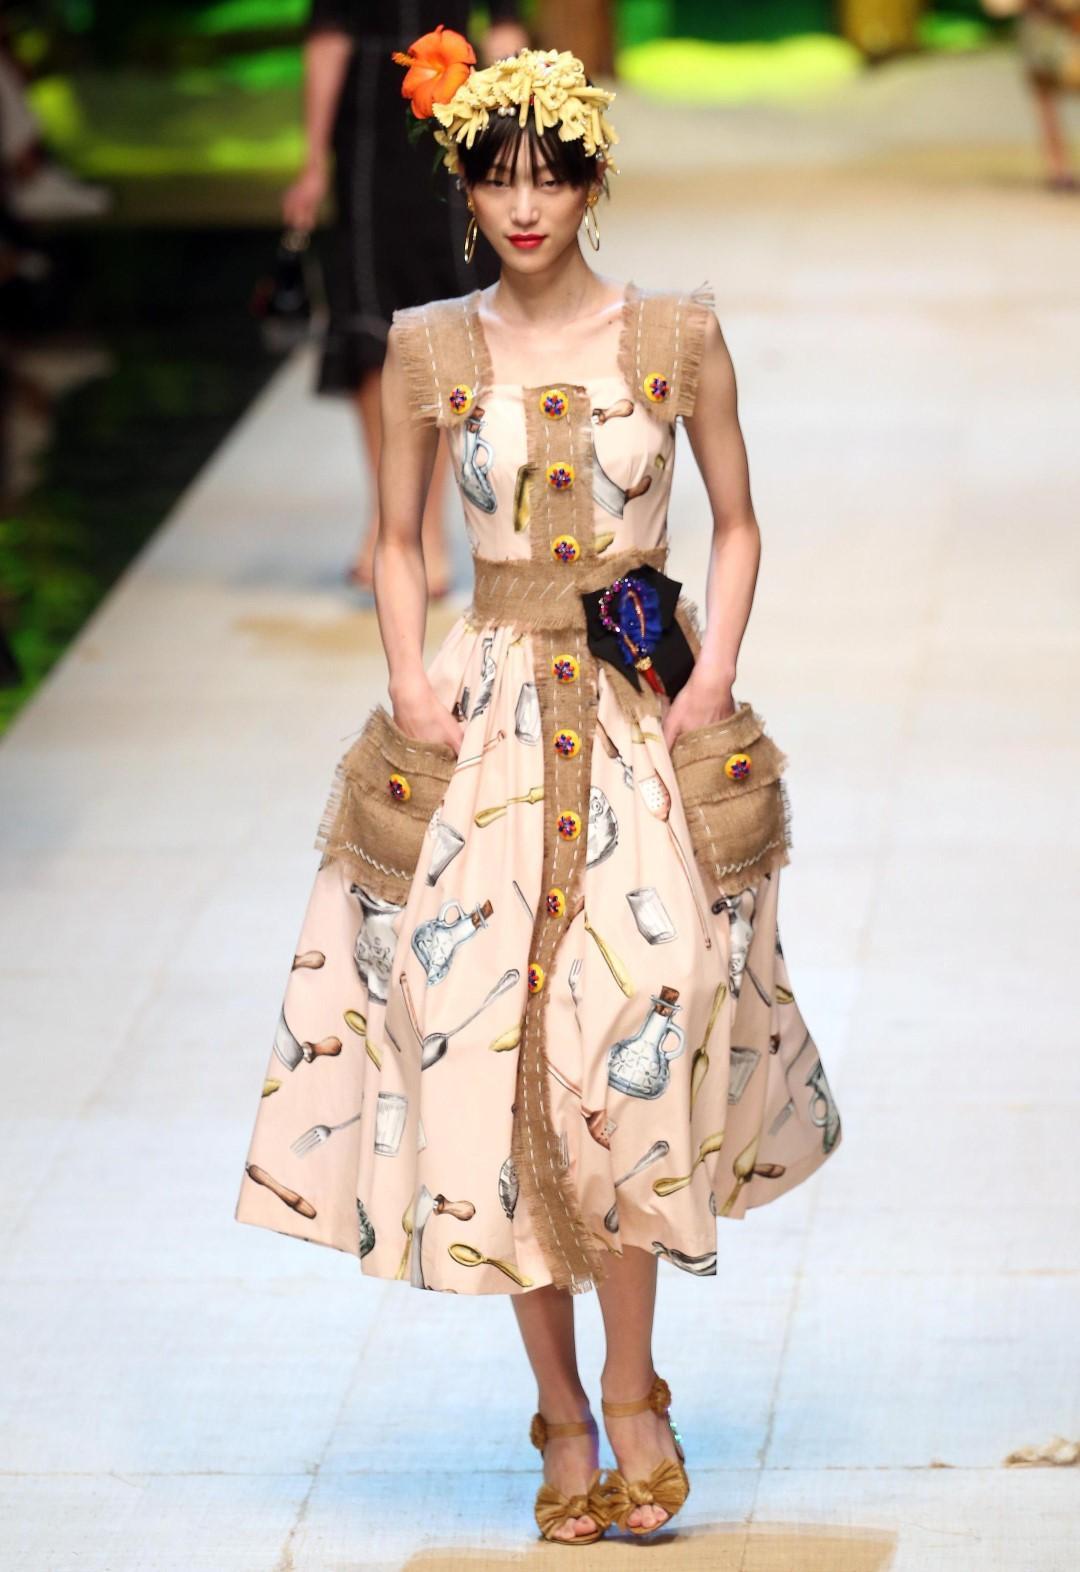 Dolce   Gabbana  in passerella il tributo al  Tropico Italiano  e alle sue  icone - Tgcom24 d4240a0e5a7